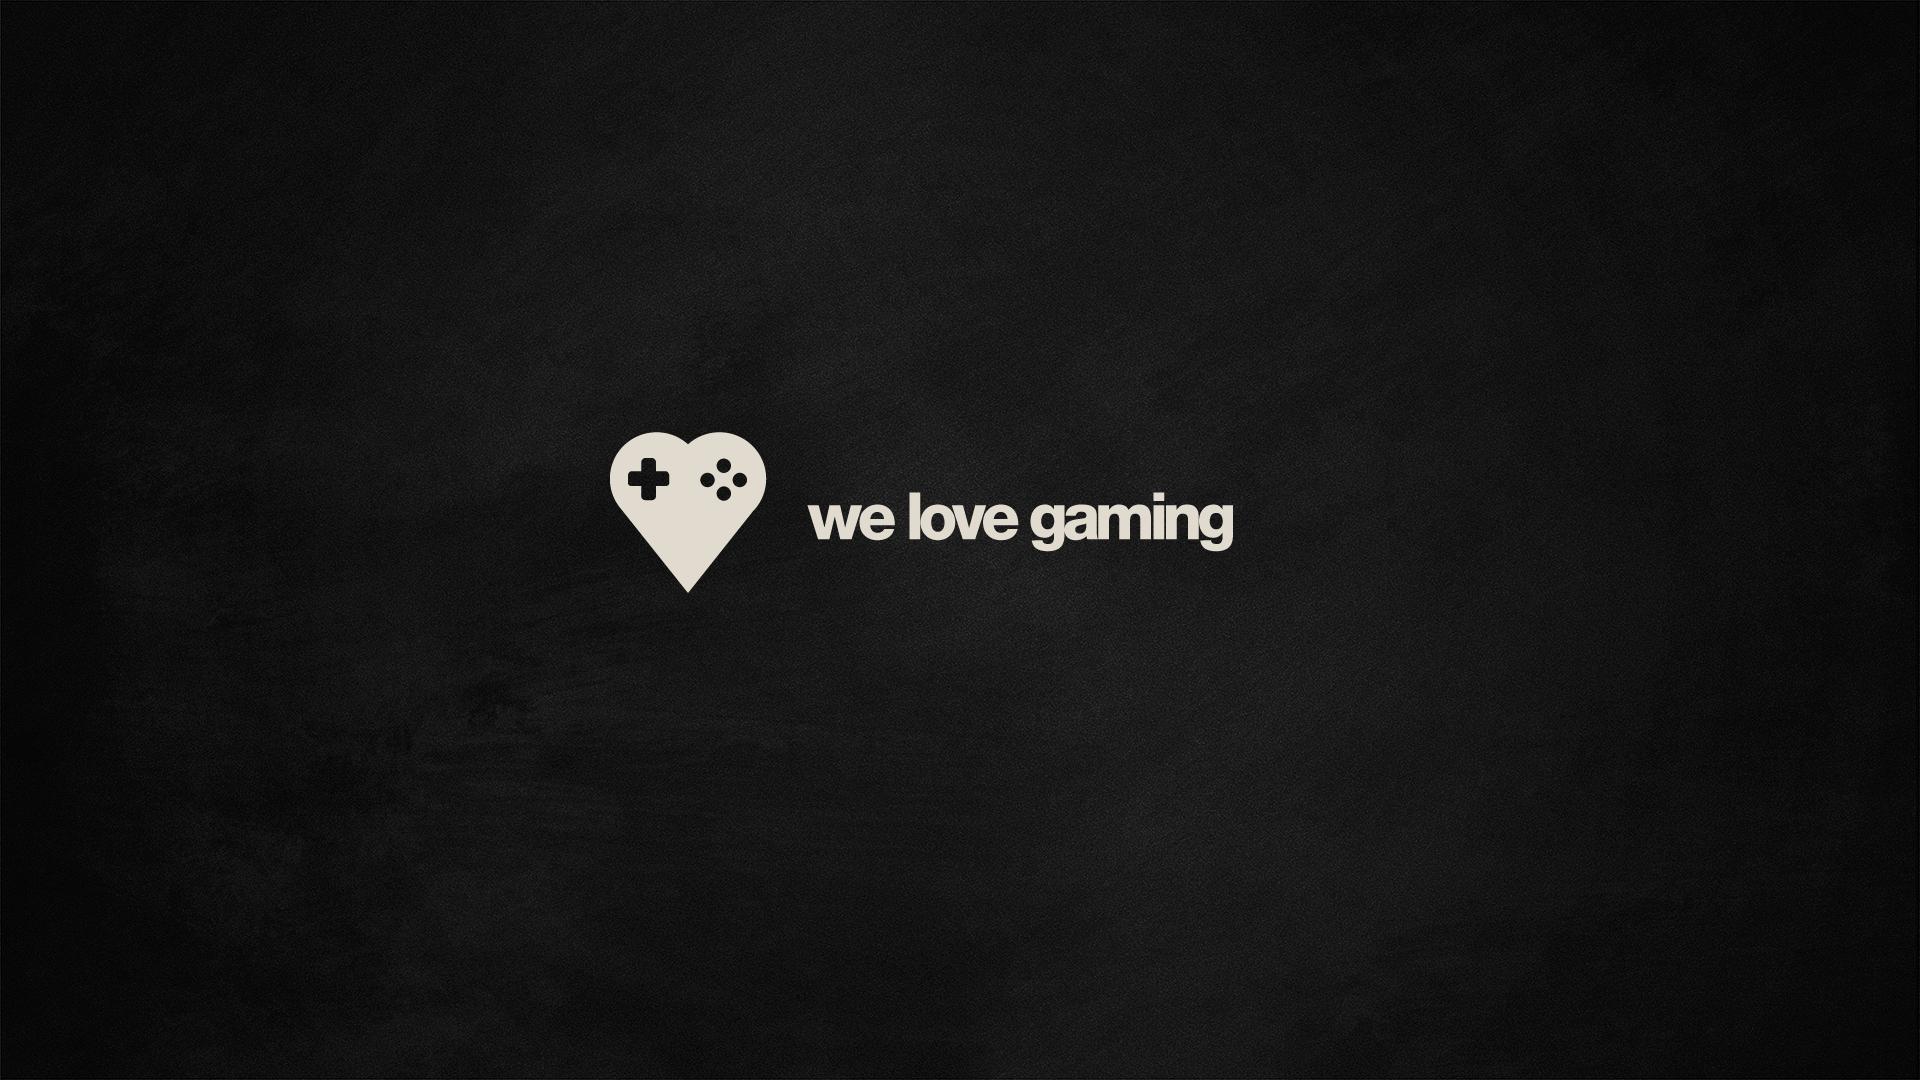 We Love Gaming wallpaper 149204 1920x1080